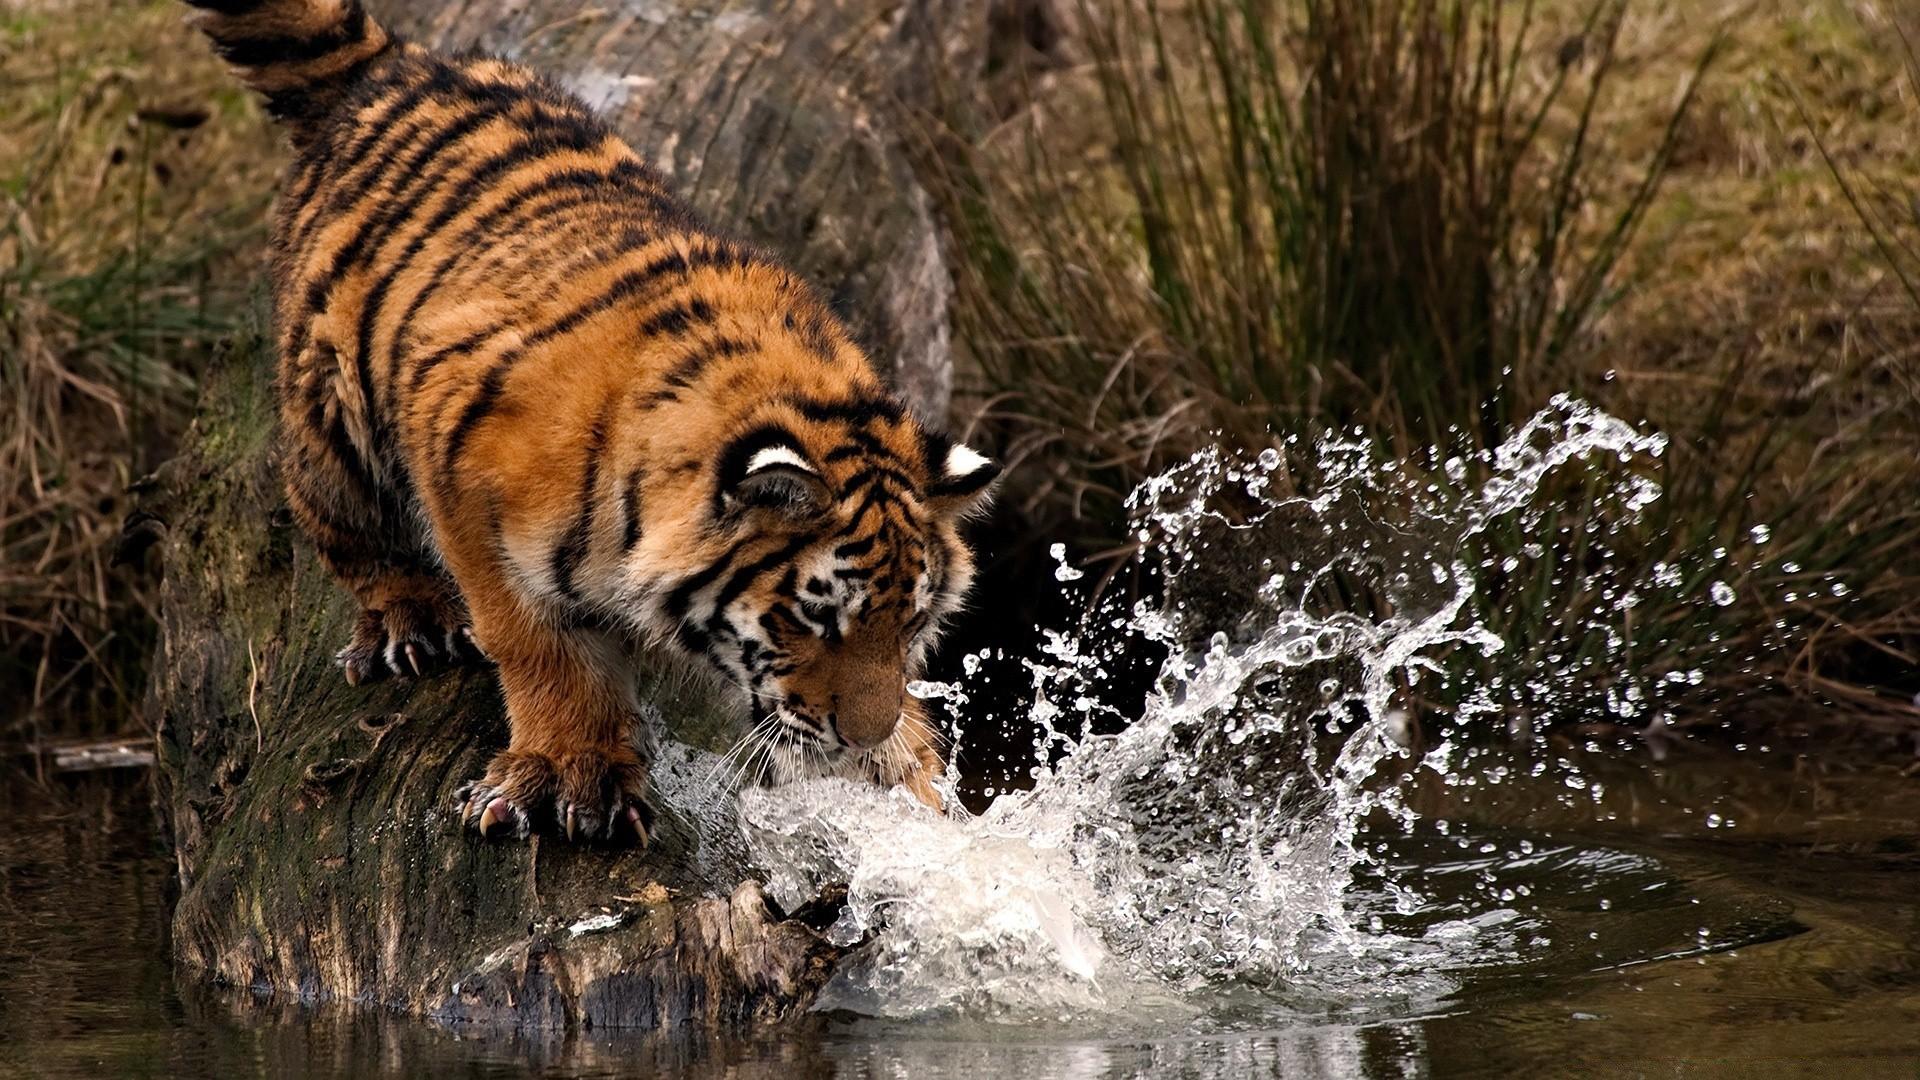 Espectaculares fotos de animales 64